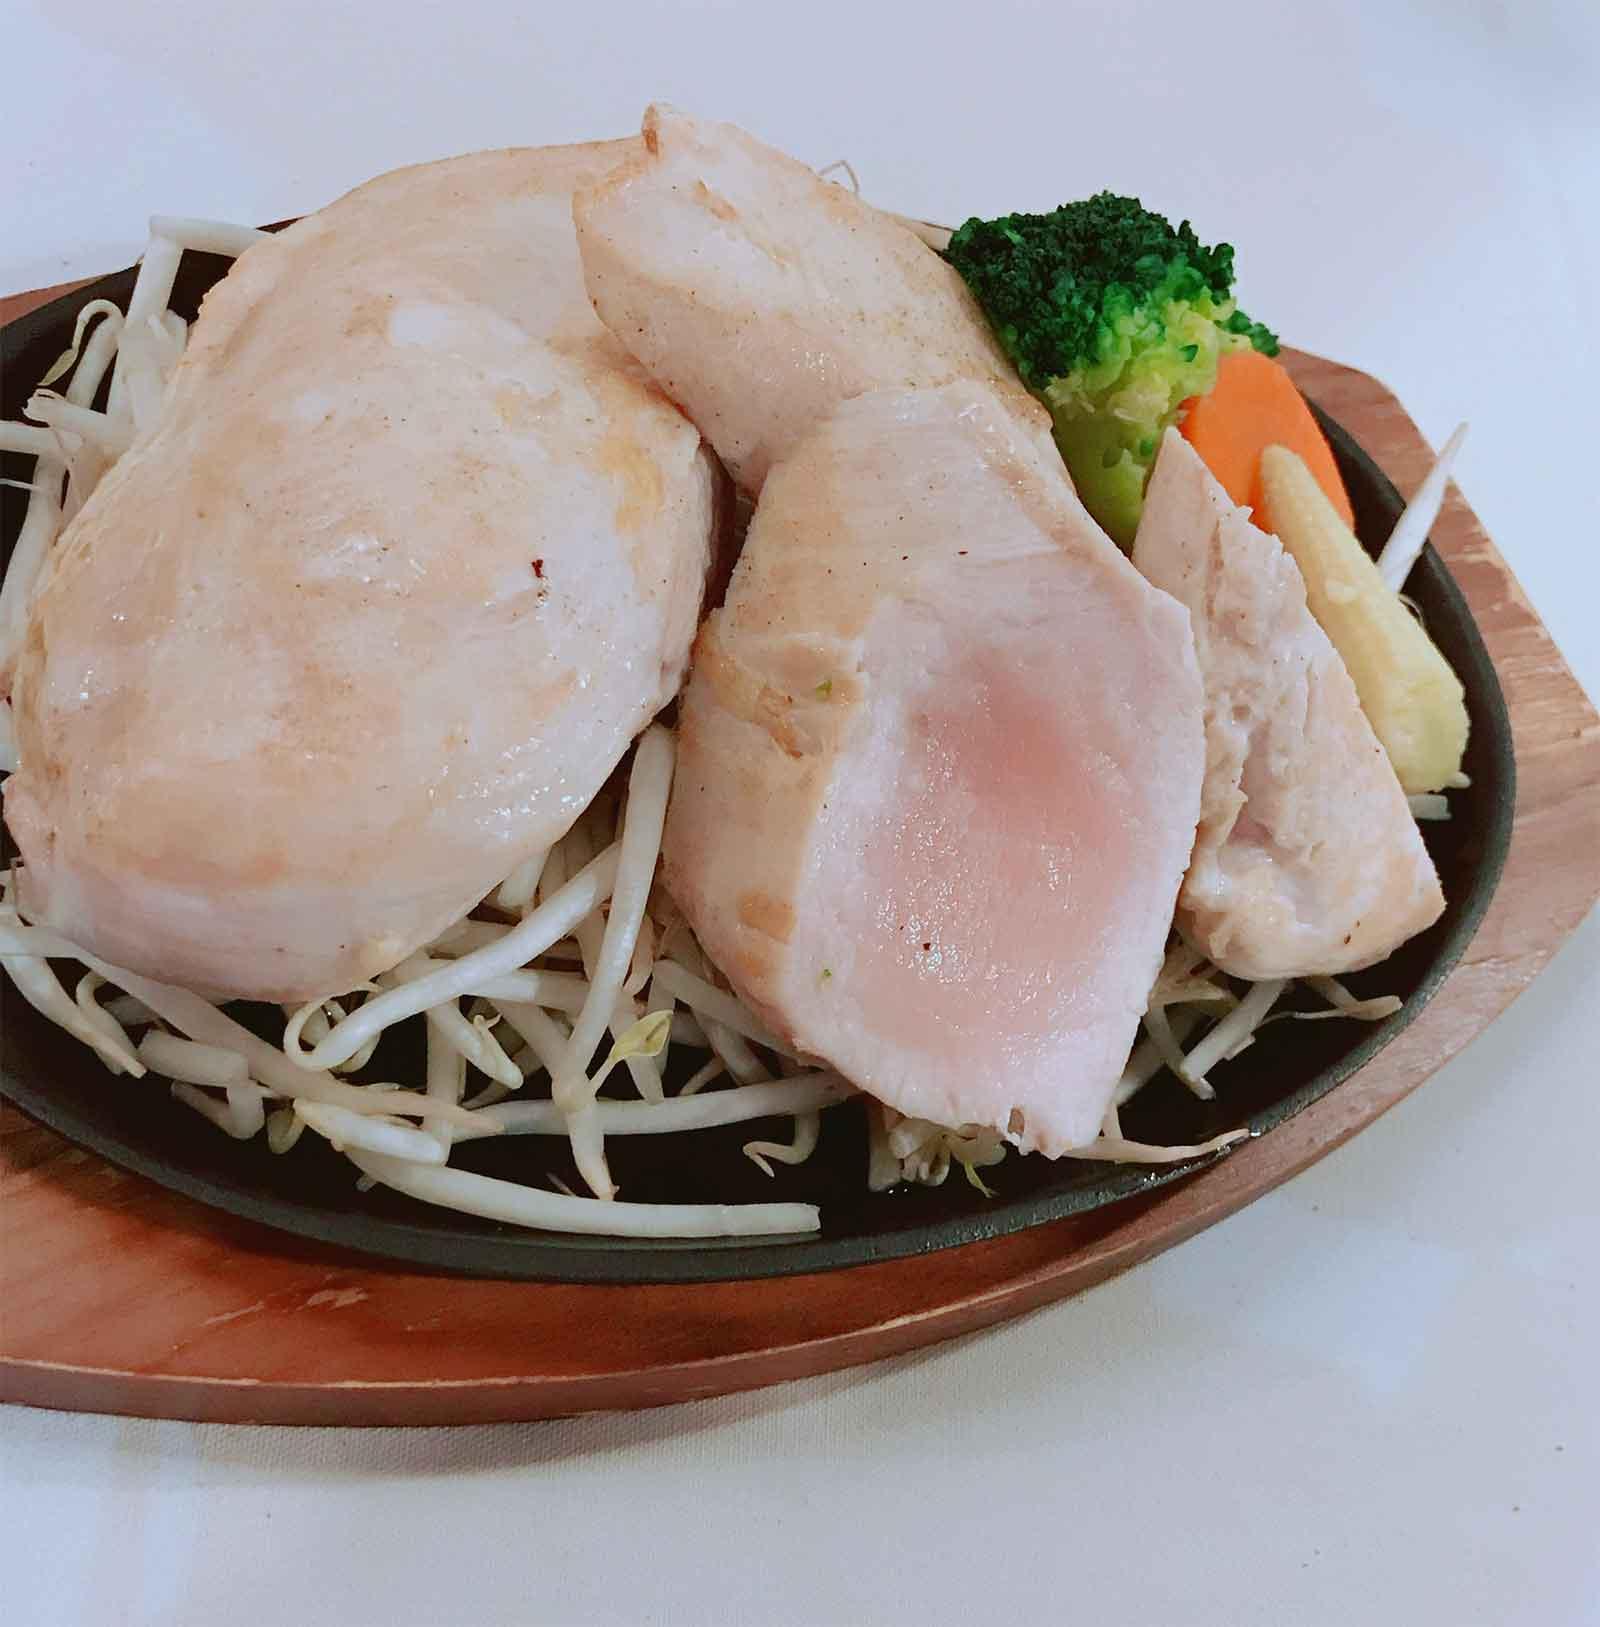 『筋肉食堂』の鶏胸肉のステーキ